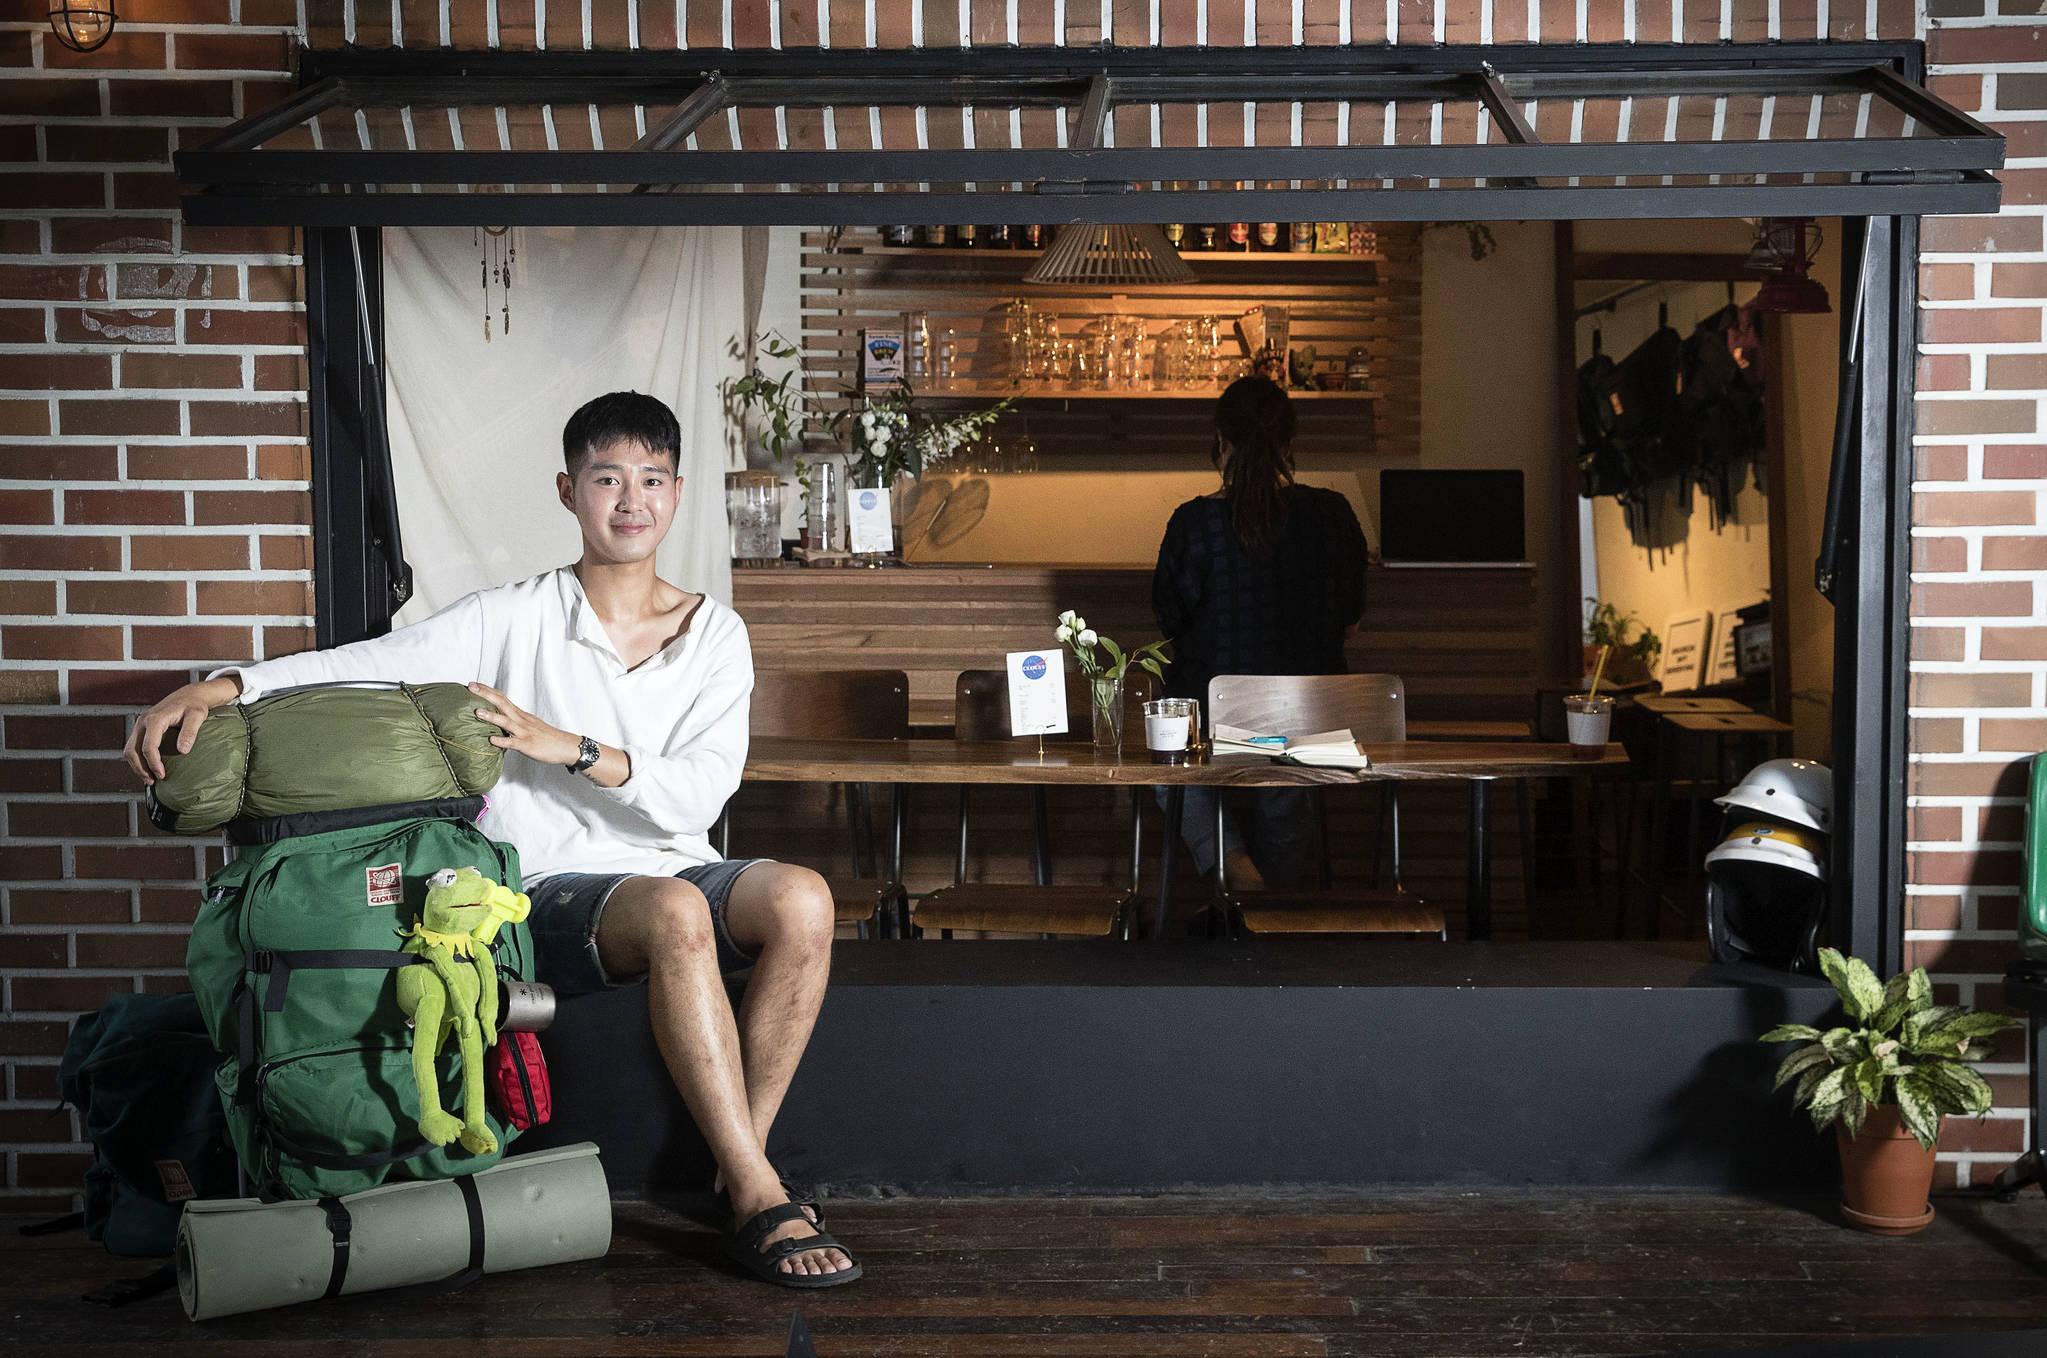 최지훈씨는 유라시아횡단 스쿠터 여행 후 경리단길에 클라우프라는 카페를 운영중이다. 장진영 기자